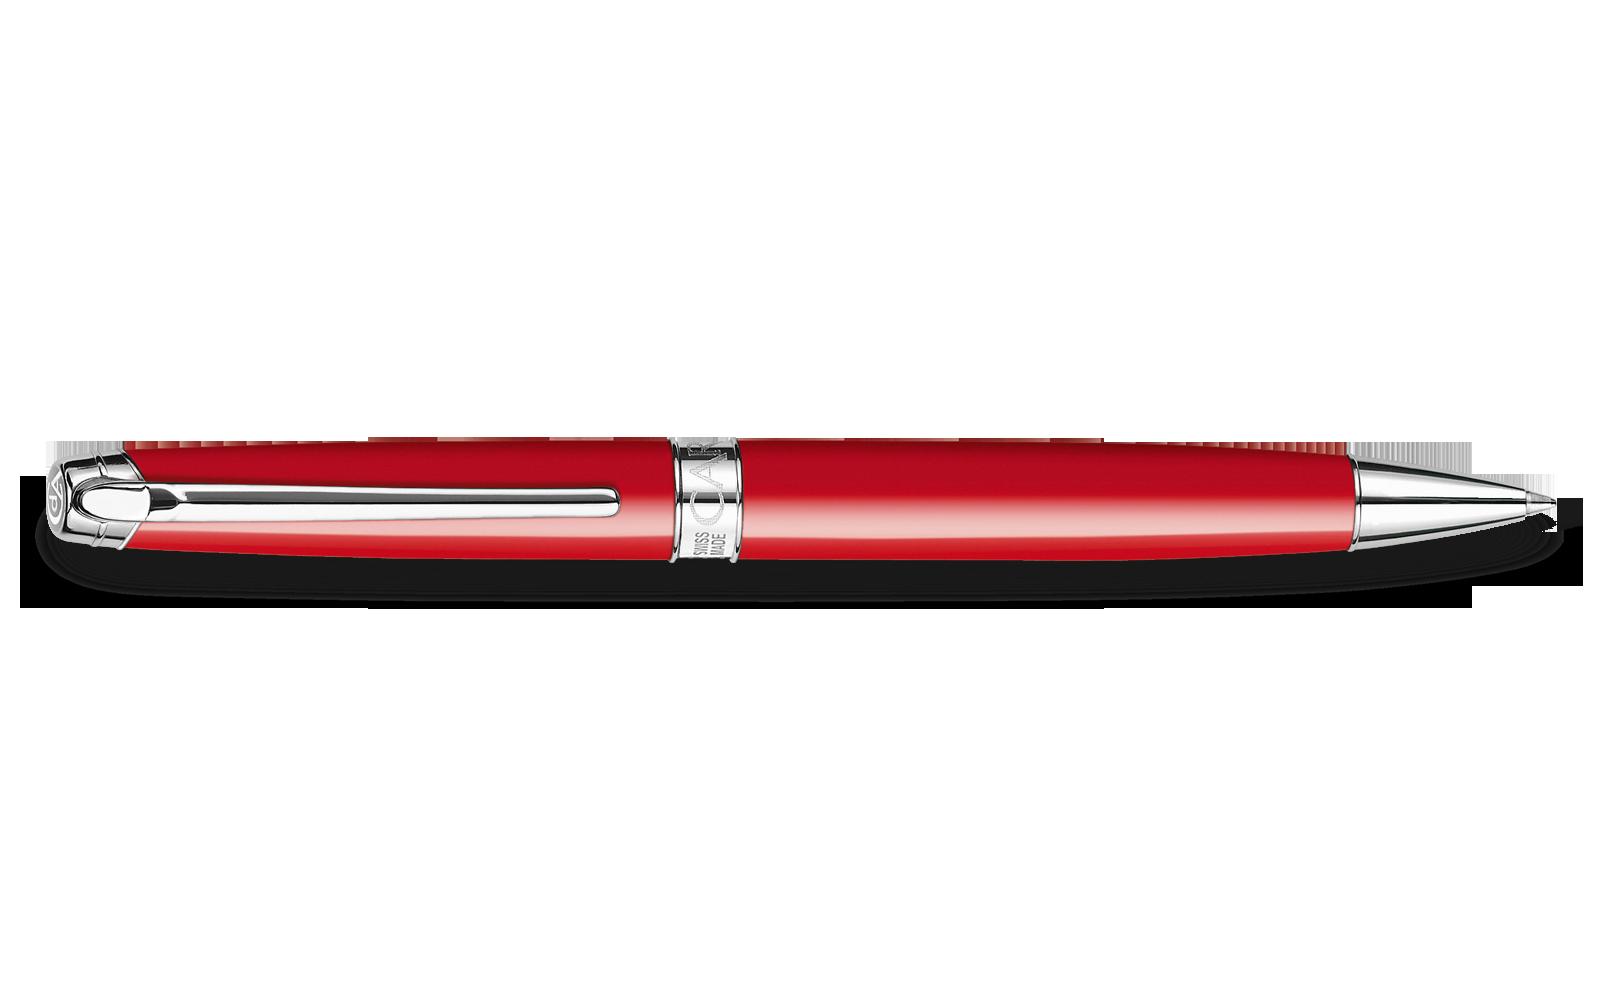 появлением шариковая ручка картинка пнг них уступают популярности